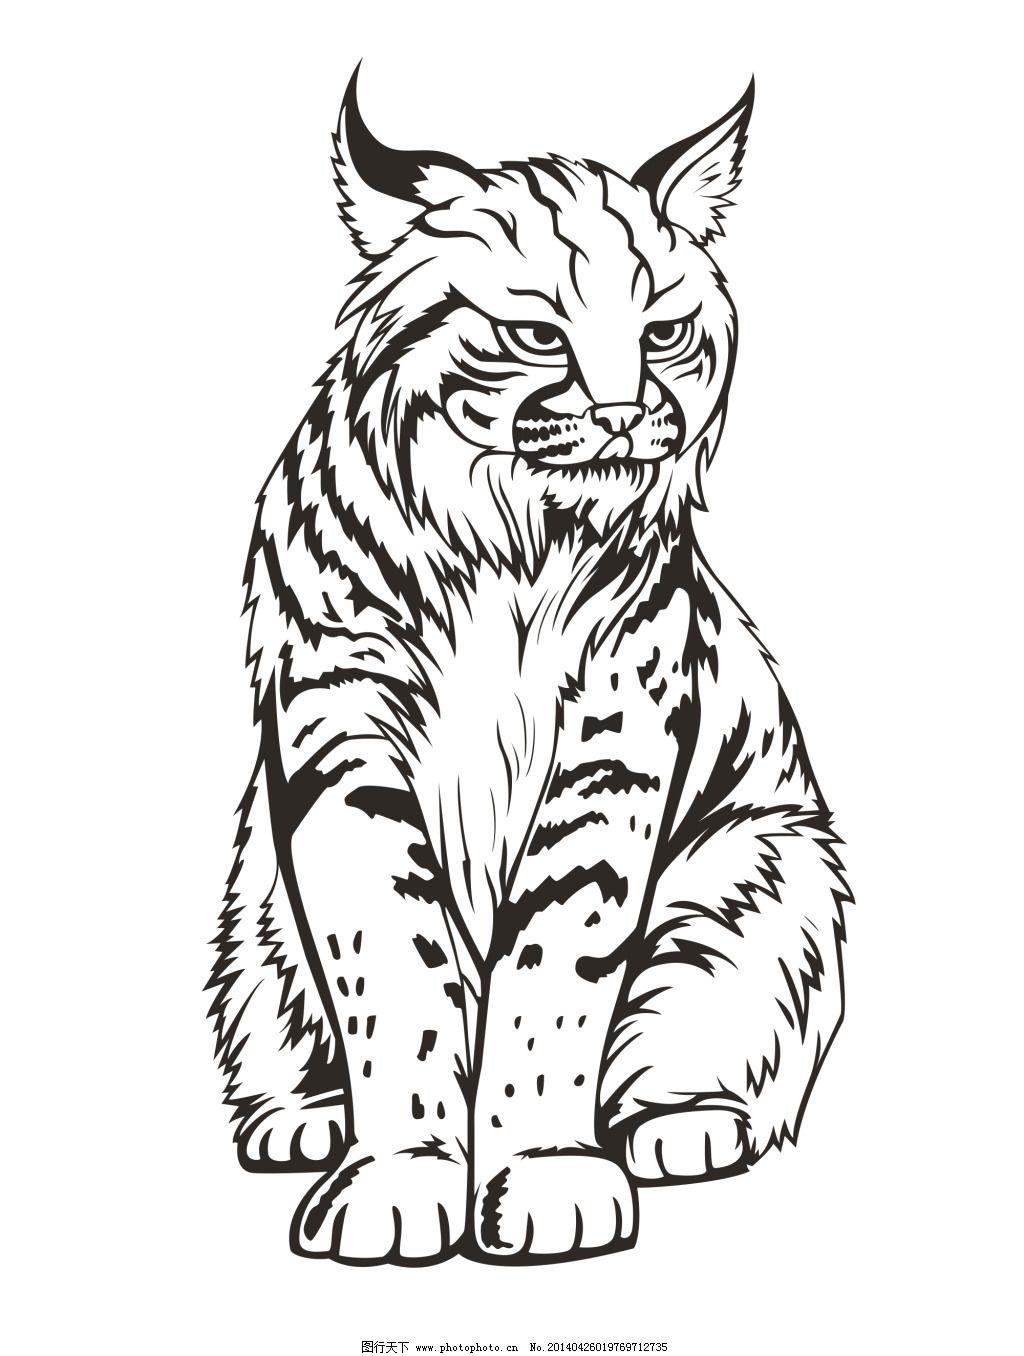 猫的线描写生免费下载 动物 可爱 猫 线描 线条 写生 猫 线描 写生